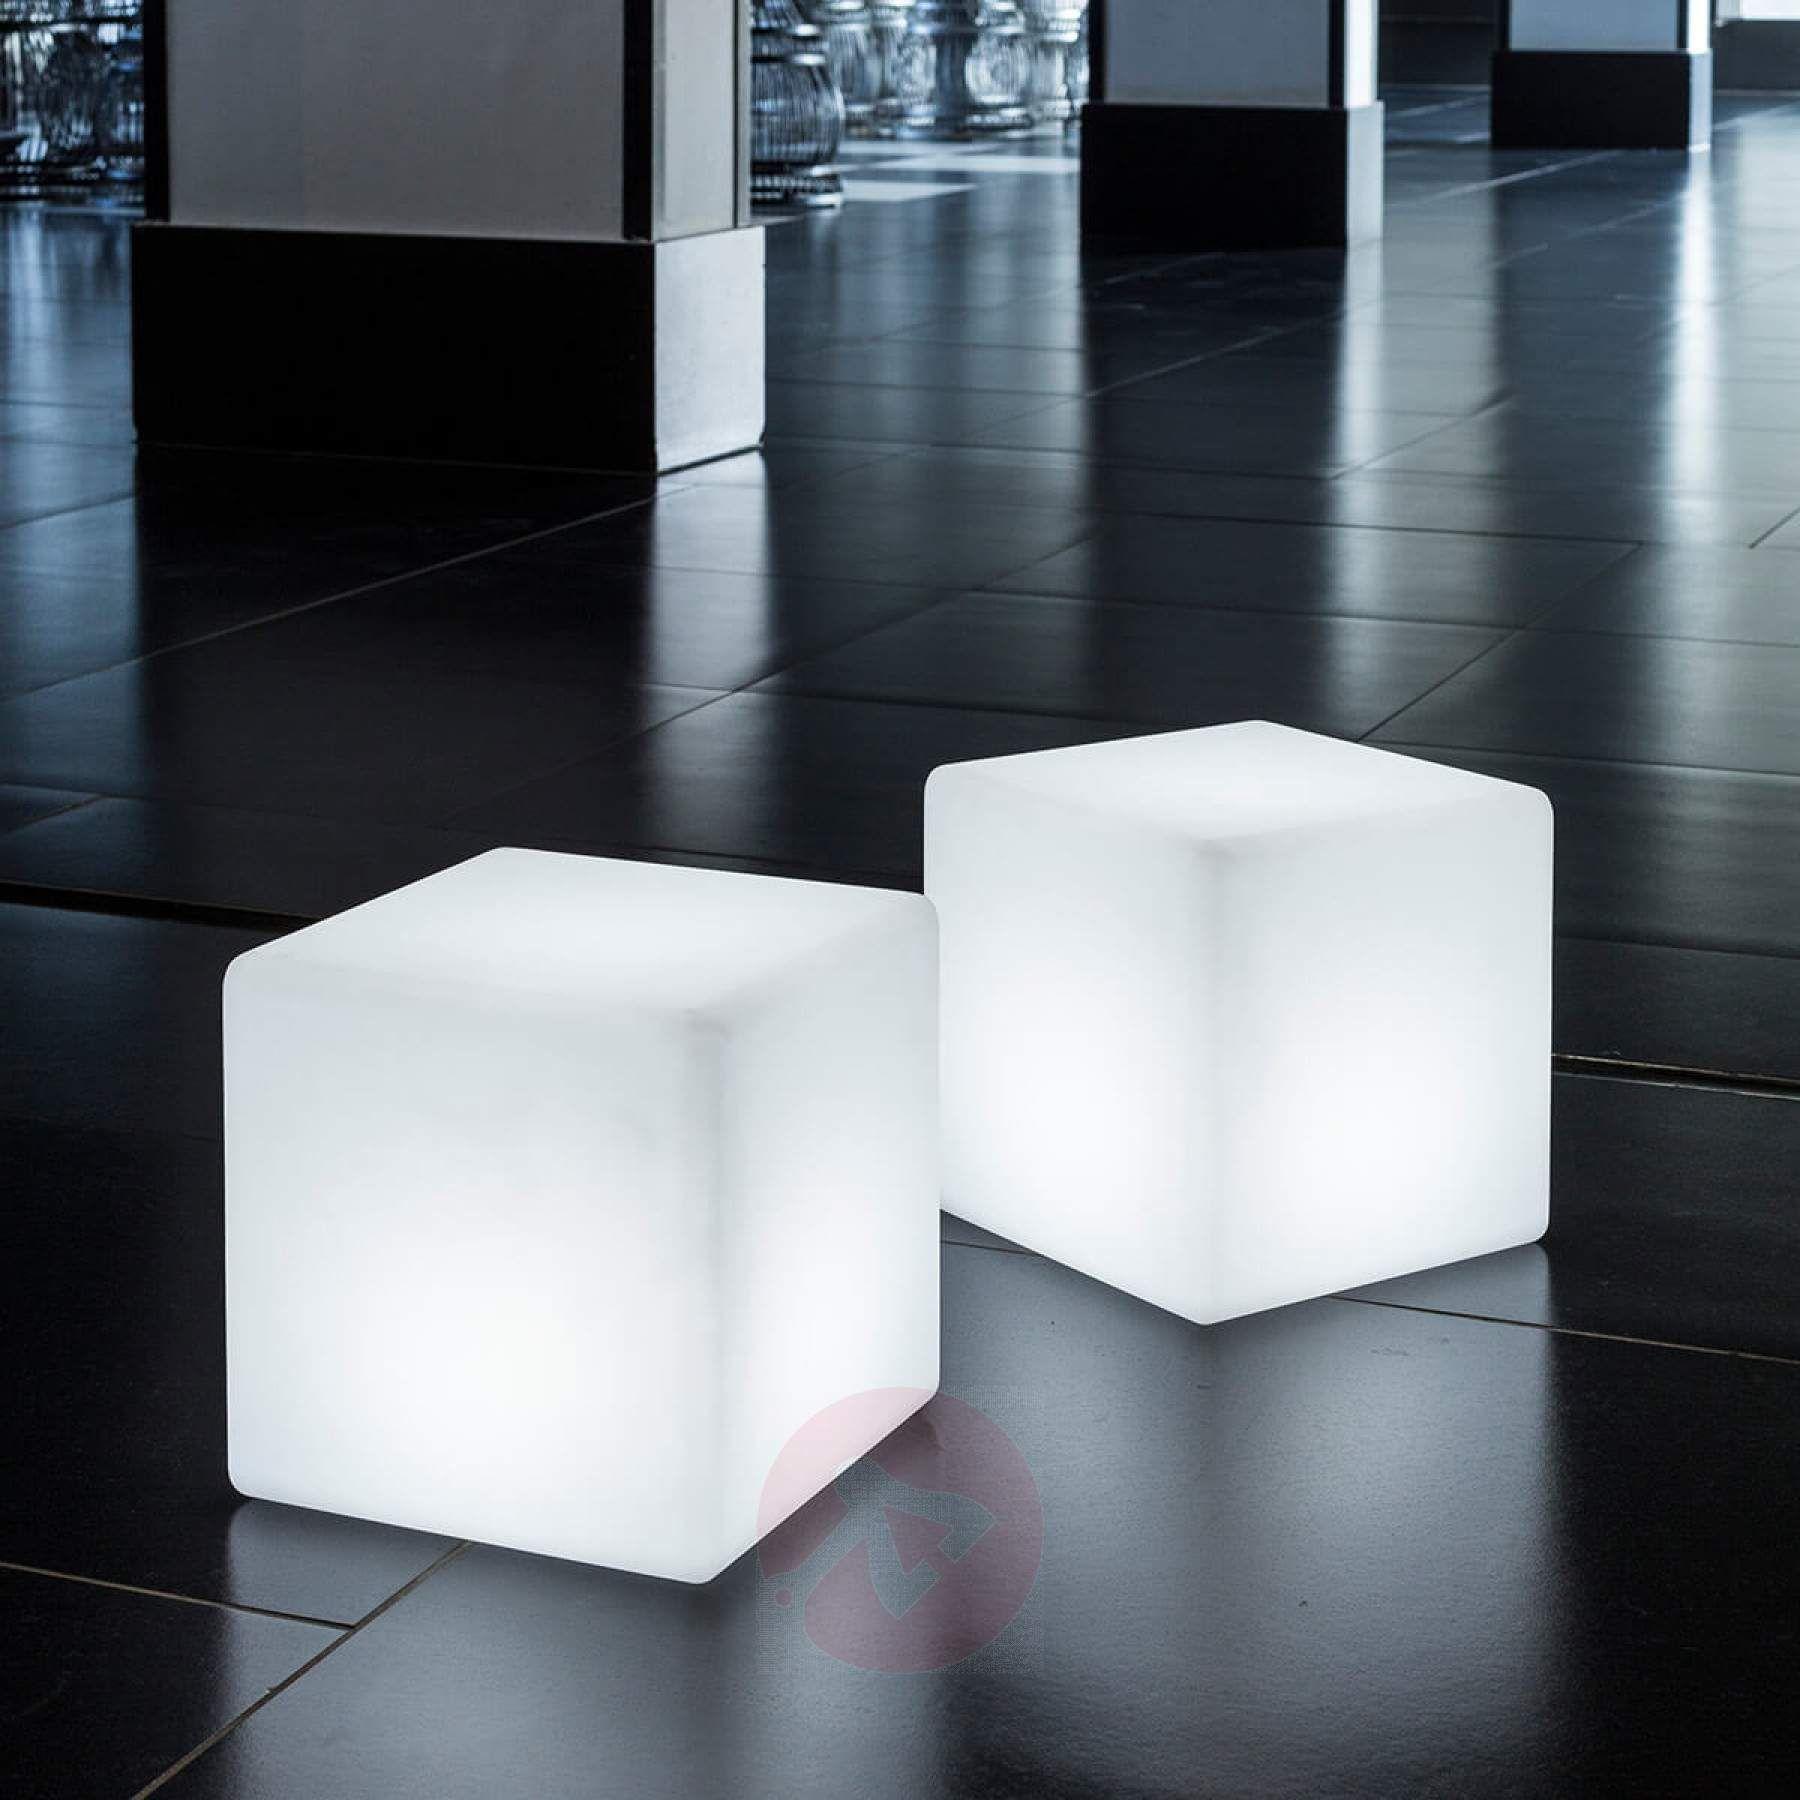 Big Cube Leuchtender Wurfel Steuerbar Per App Licht Trend Leuchten Led